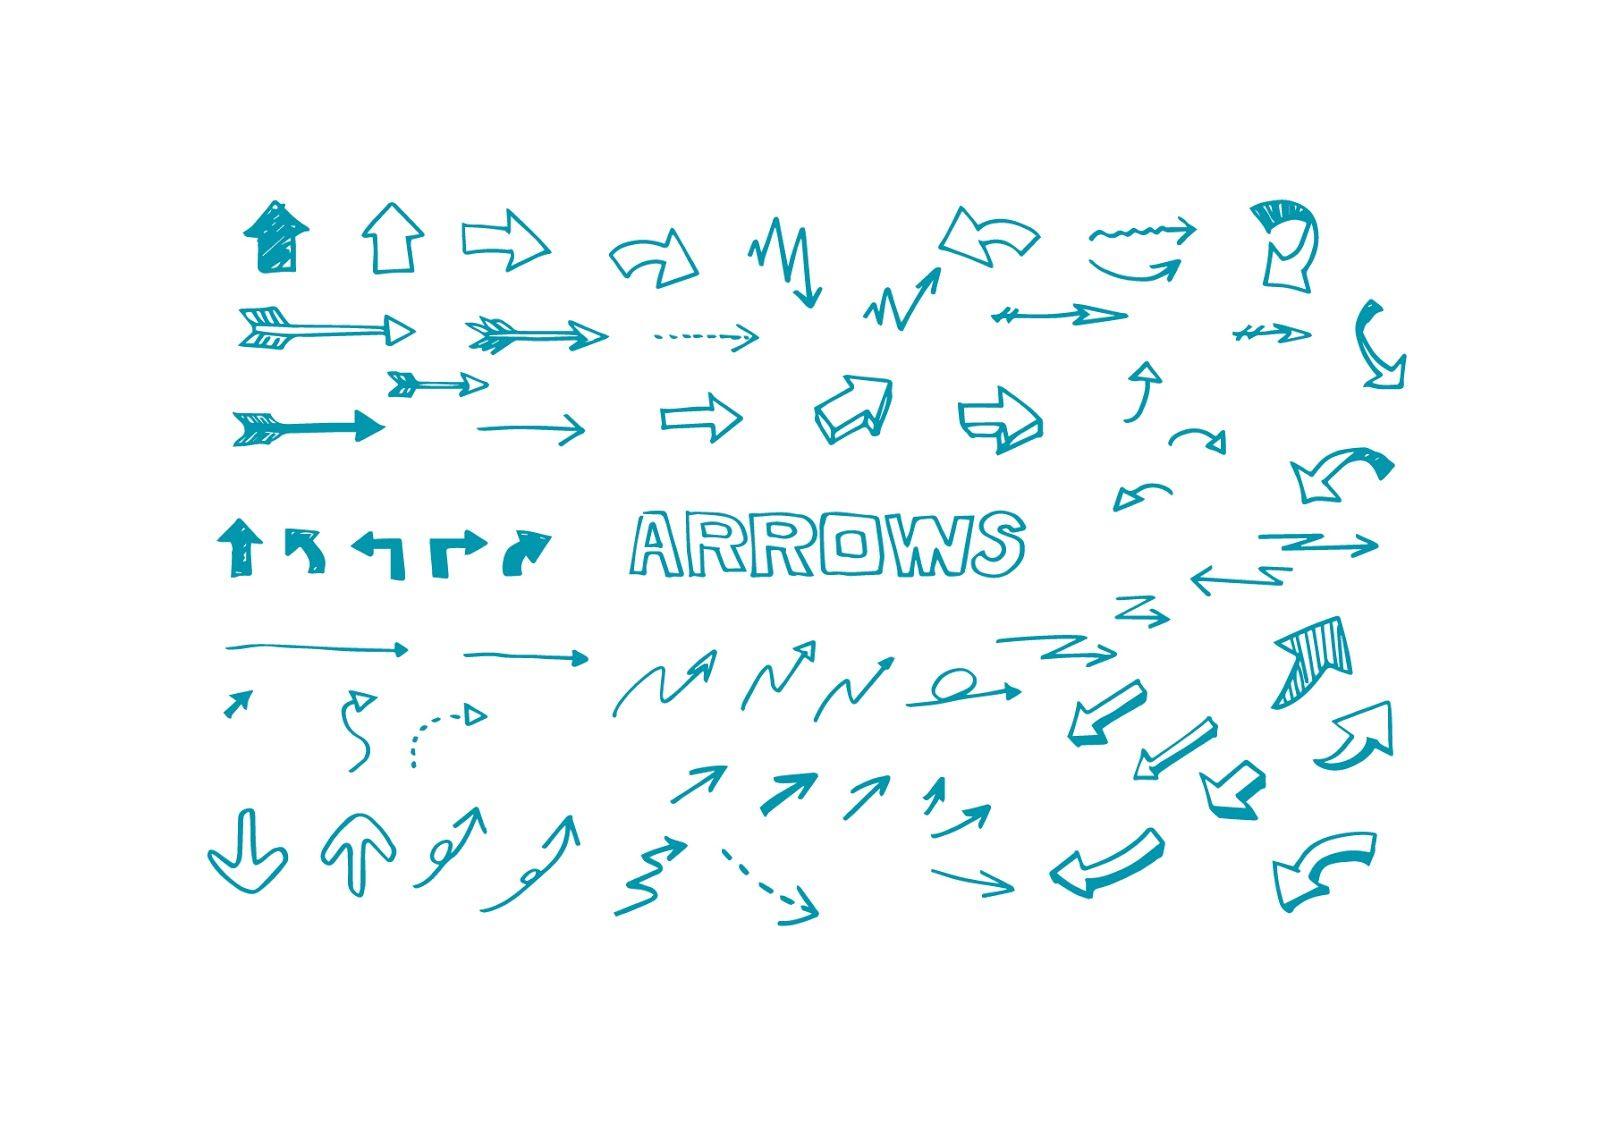 手書き矢印のイラスト素材です Arrows Drawing ベクターも含まれていますので 解像度を損なうことなくサイズや色の変更が可能です データ Jpg Png Ai はダウンロードボタンをクリック 手書き イラスト 素材